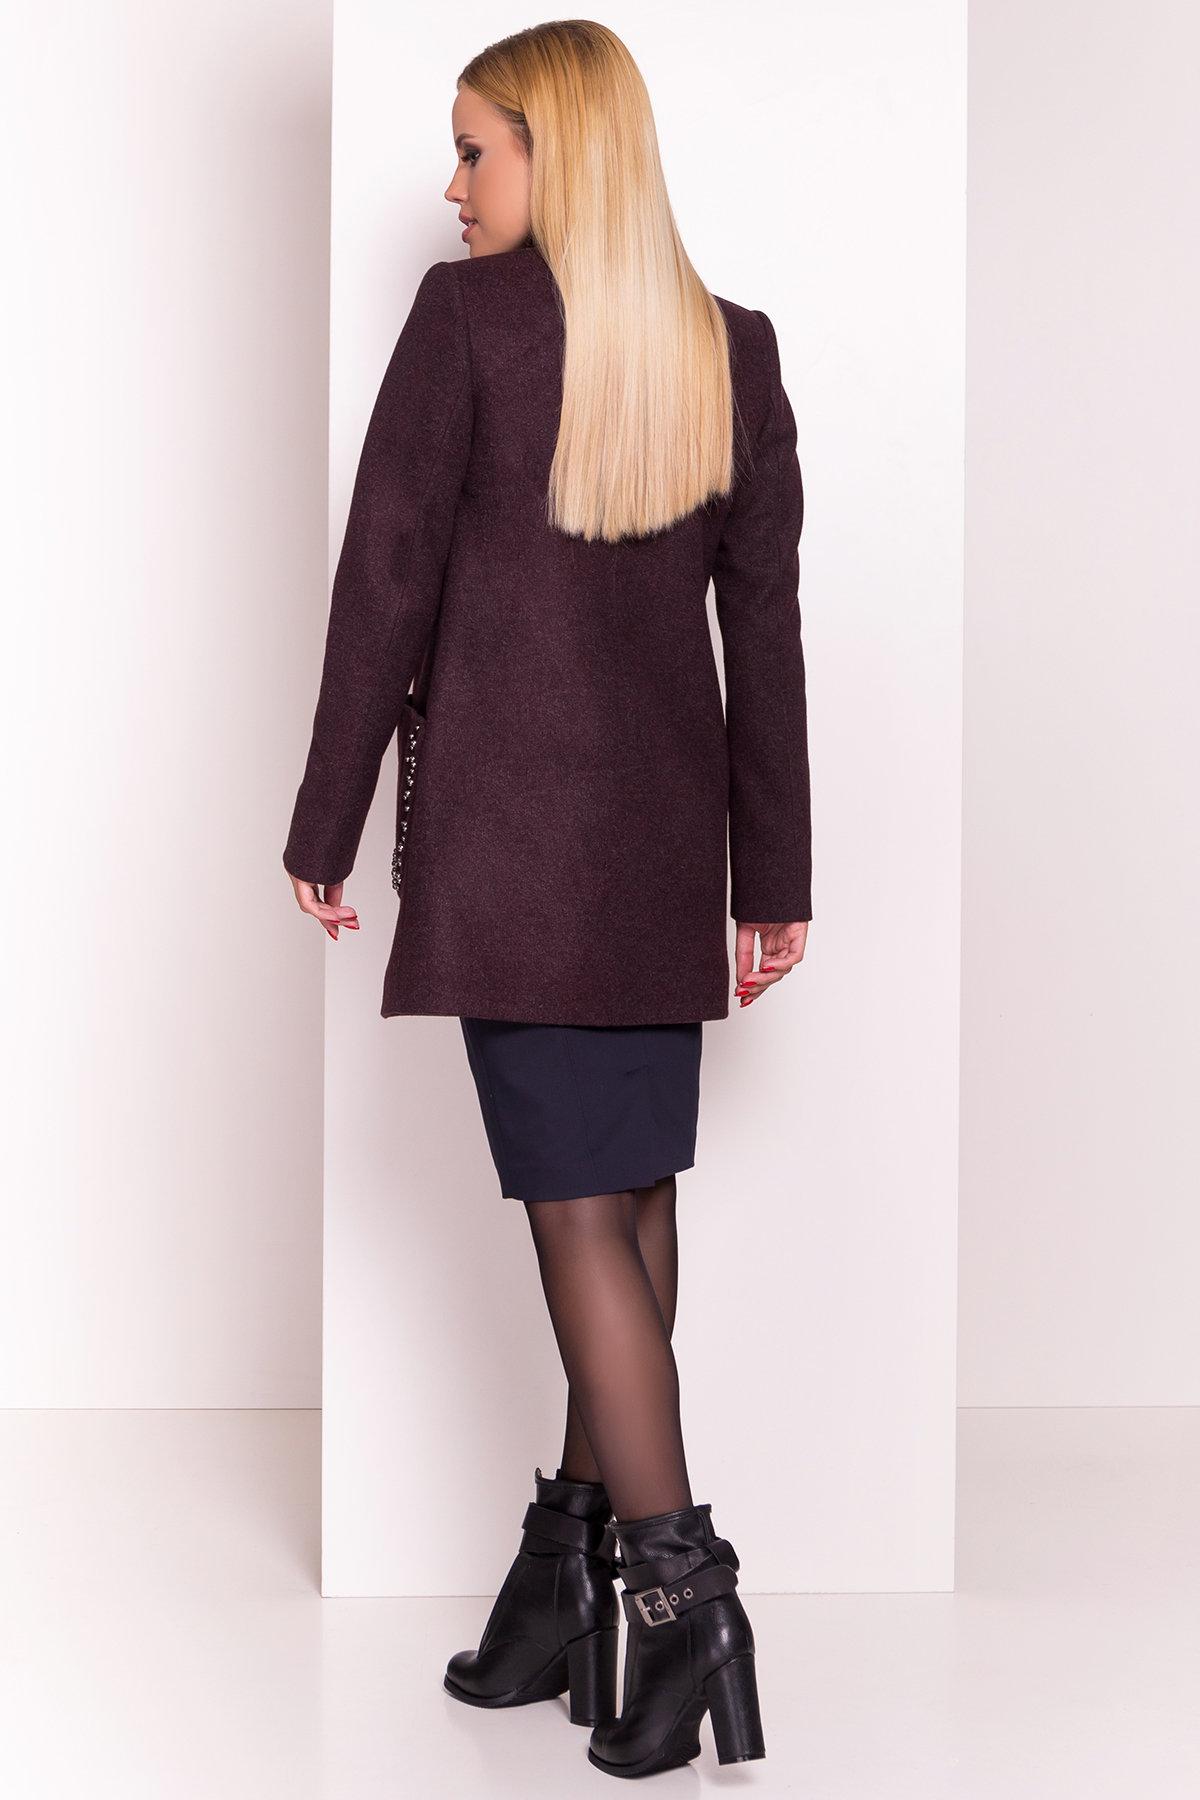 Пальто Даймон 5377 АРТ. 36740 Цвет: Марсала - фото 4, интернет магазин tm-modus.ru